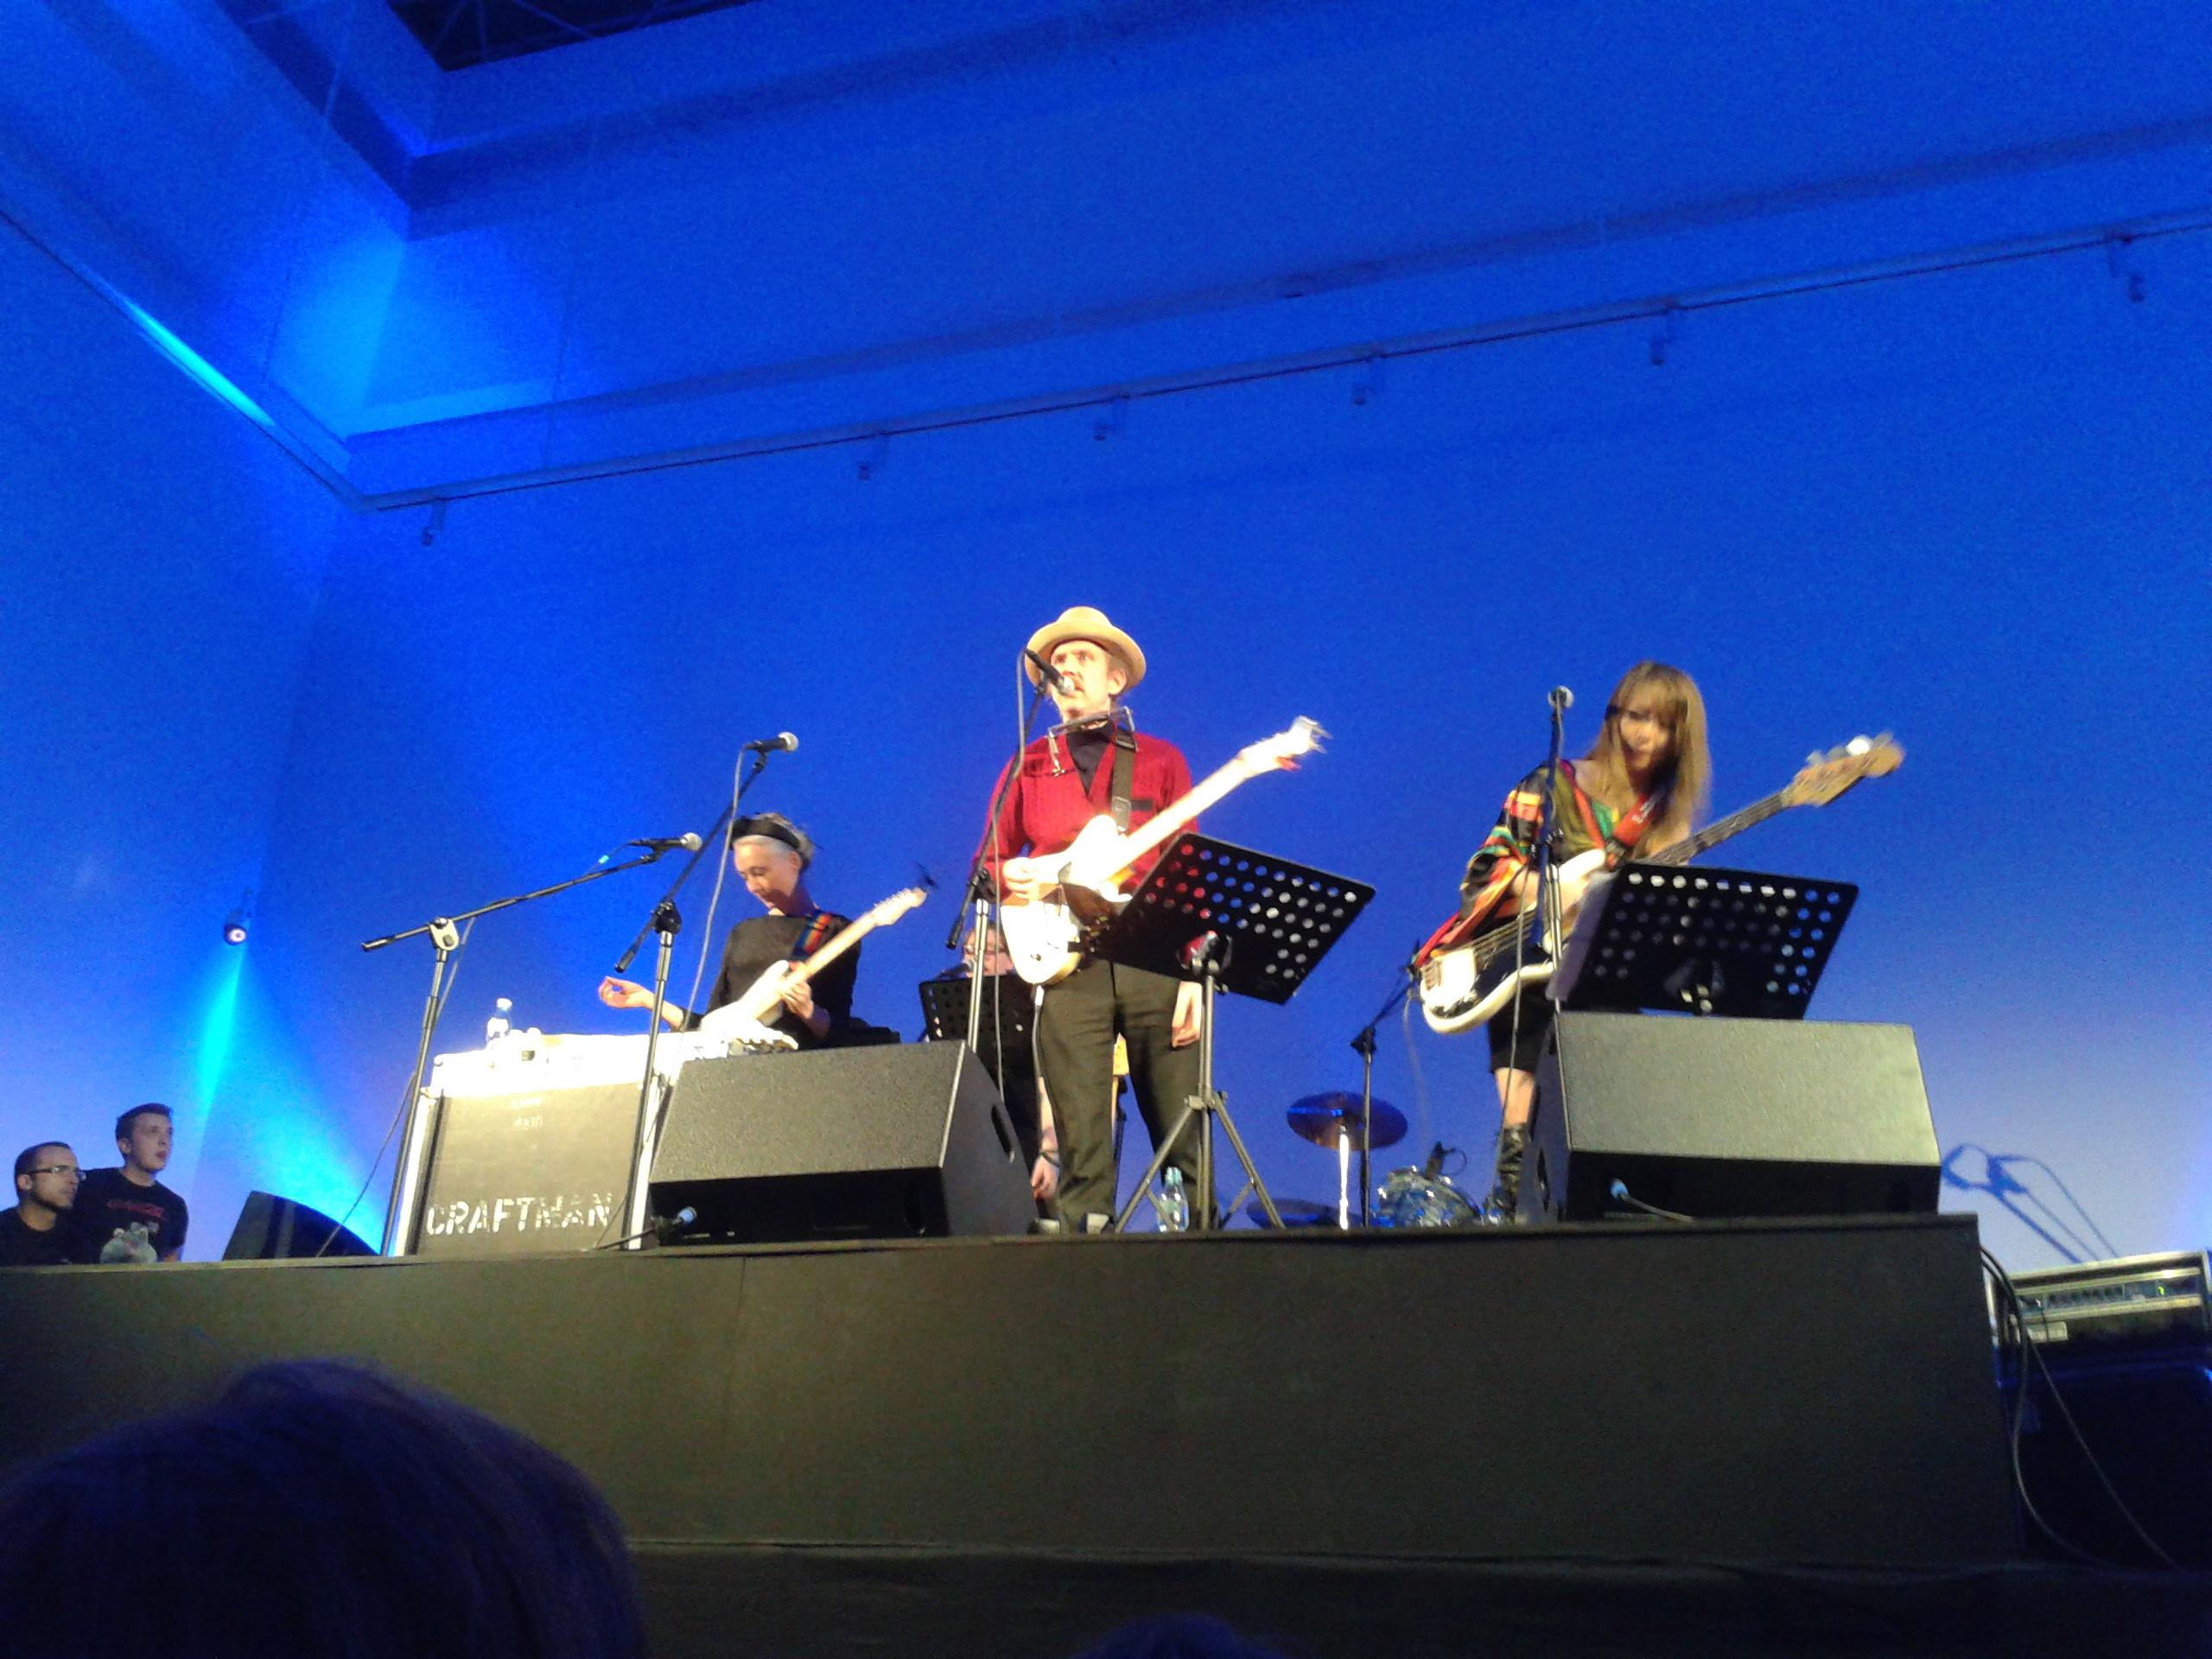 Martin Creed ijego zespół podczas festiwalu The Artists